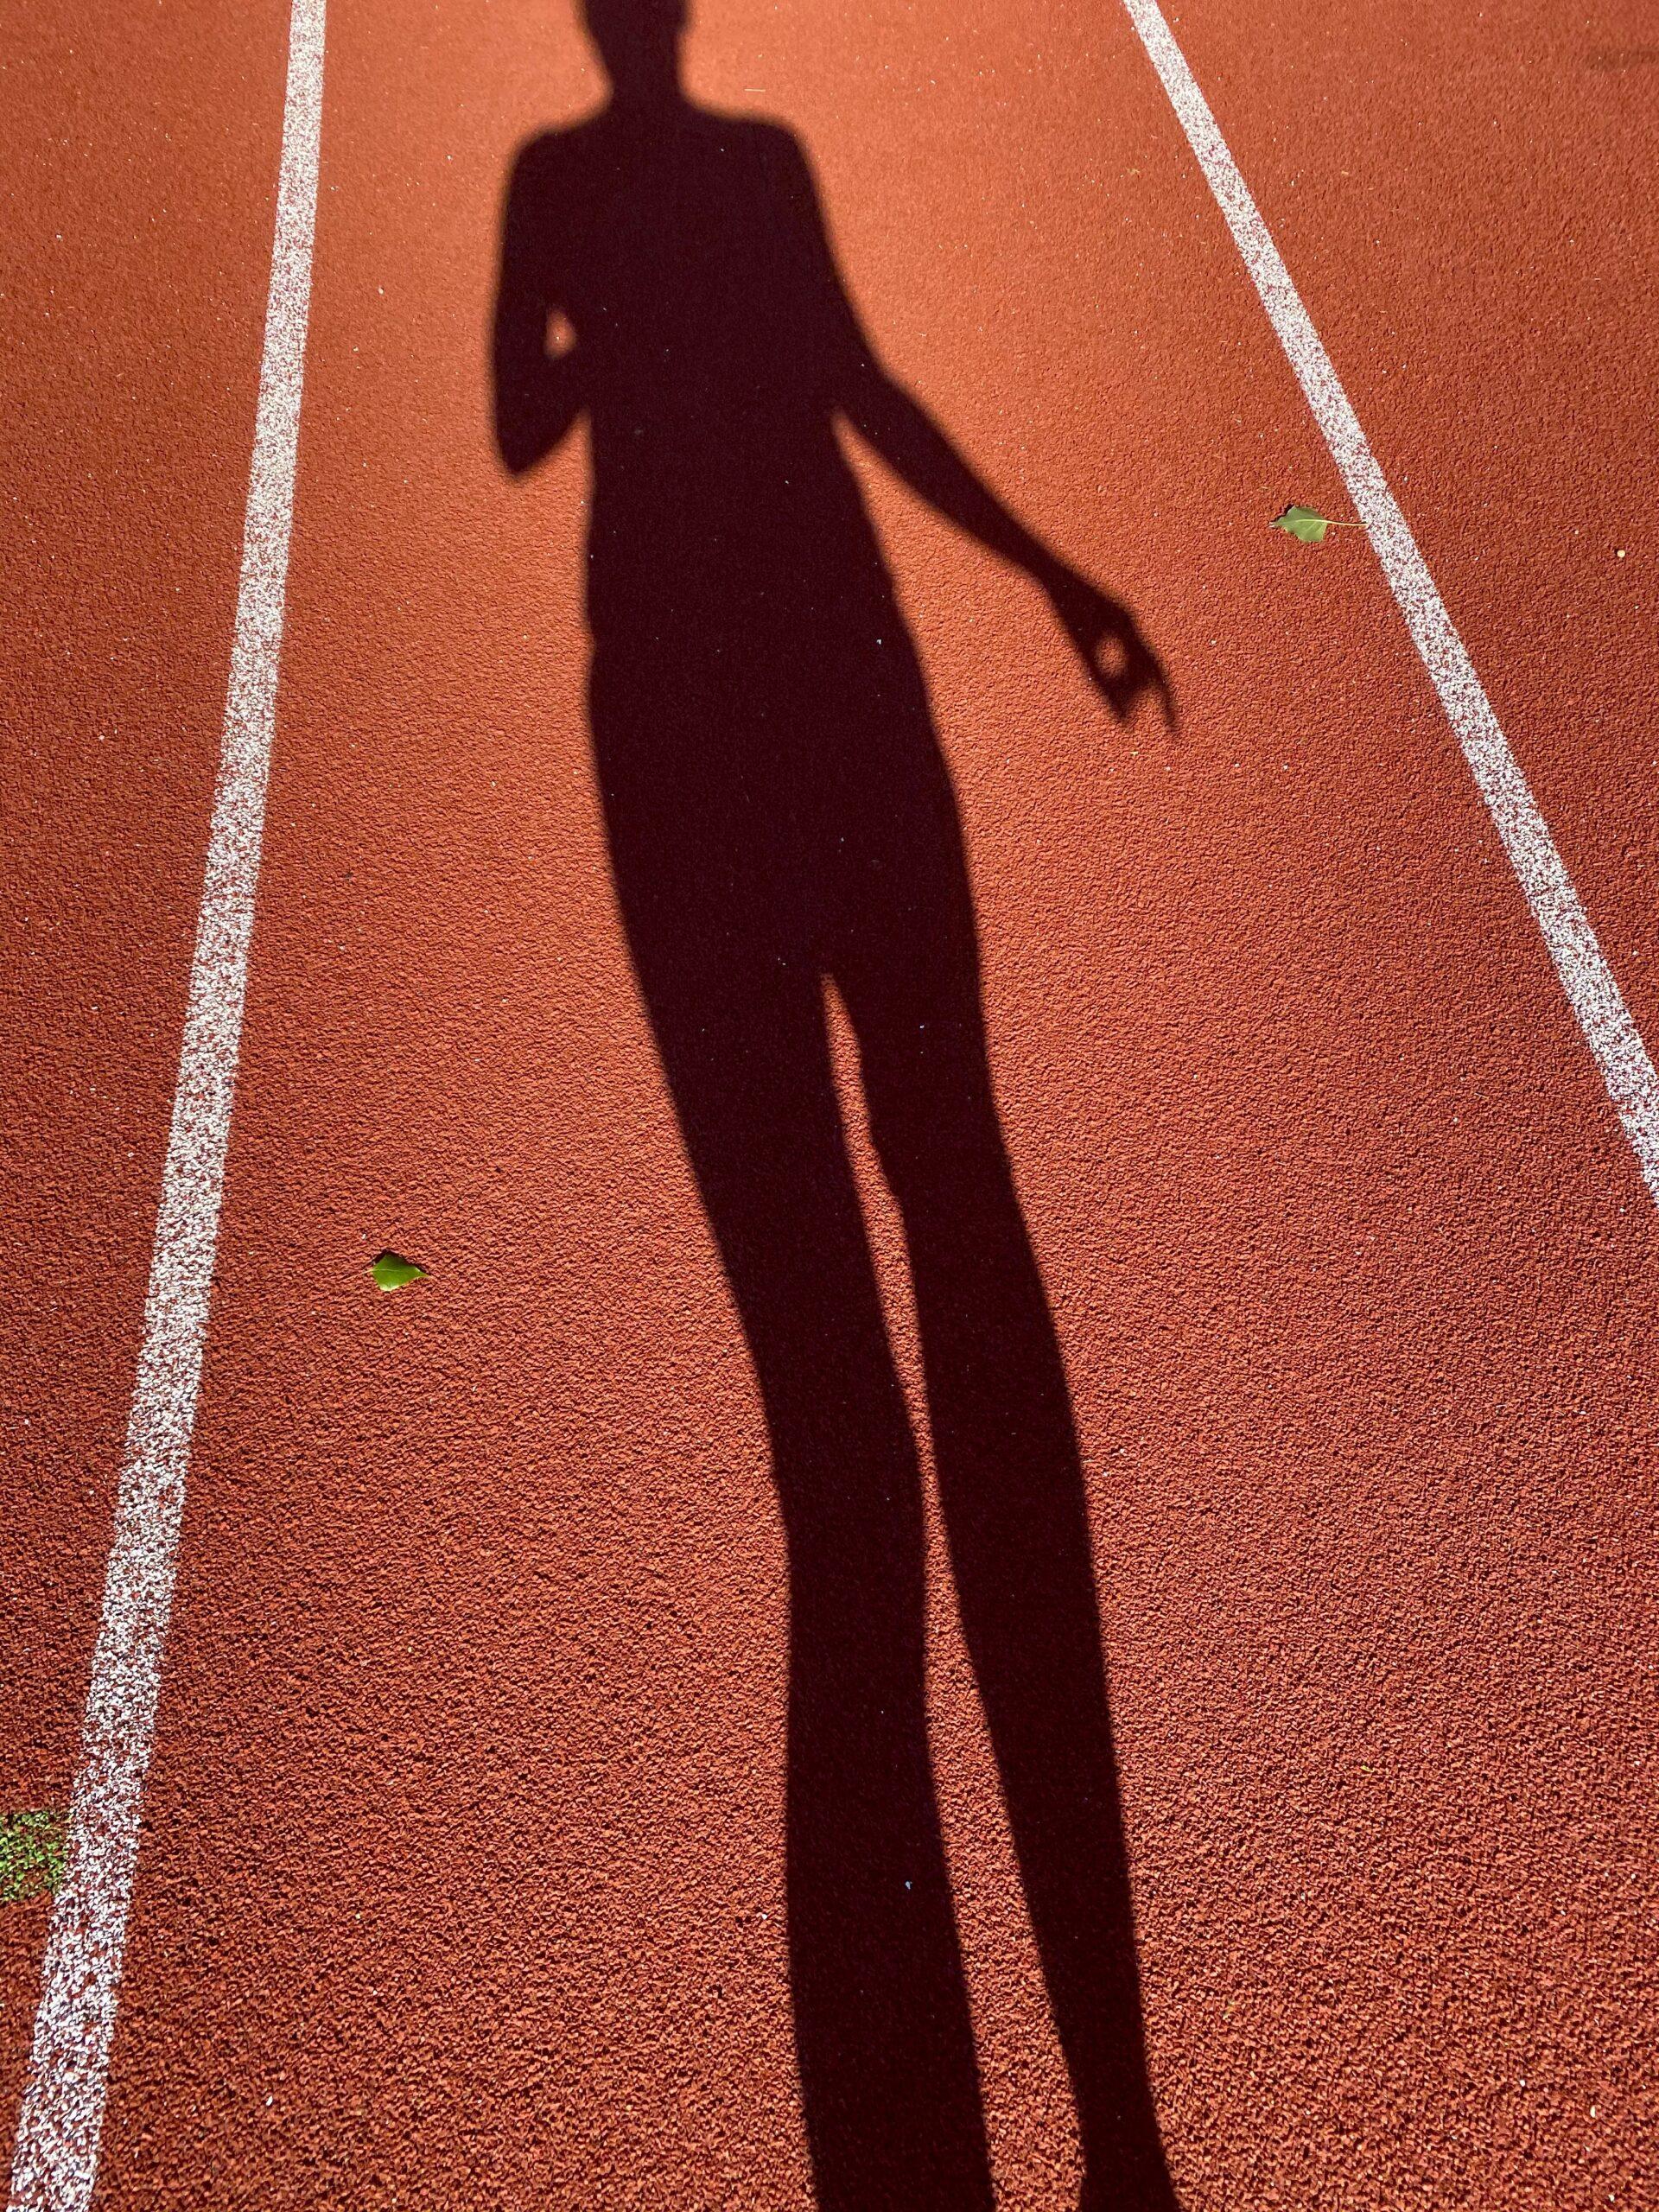 verschleimte-atemwege-beim-laufen-und-was-dagegen-hilft